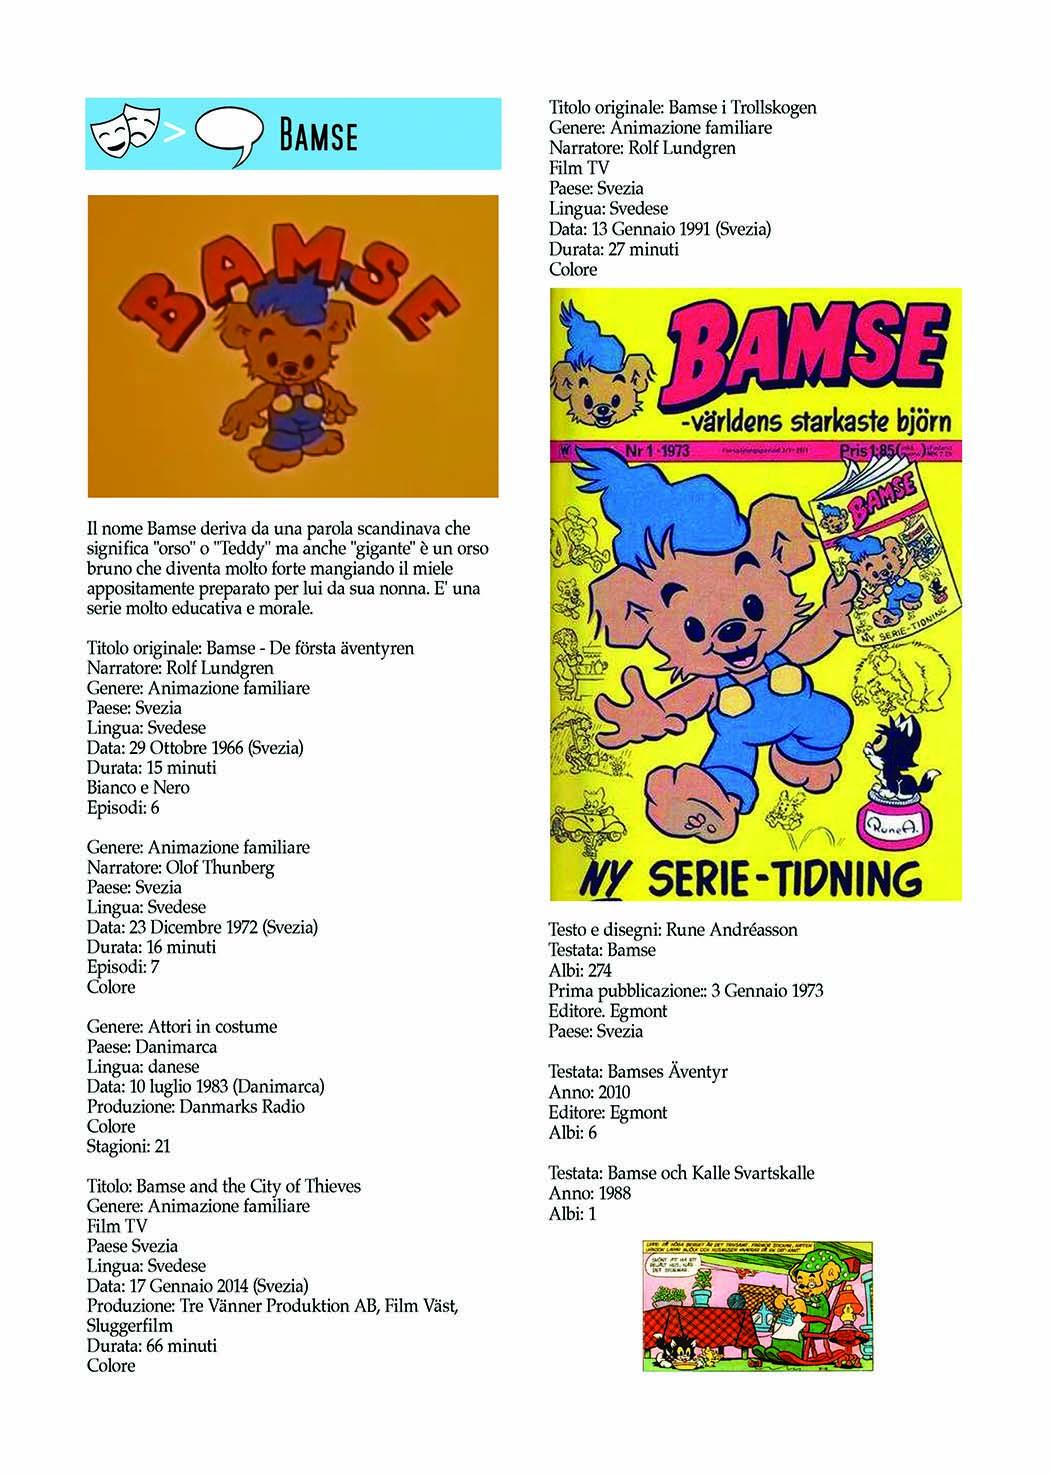 Bamse dal cartone al fumetto Dizionario Movie/comics